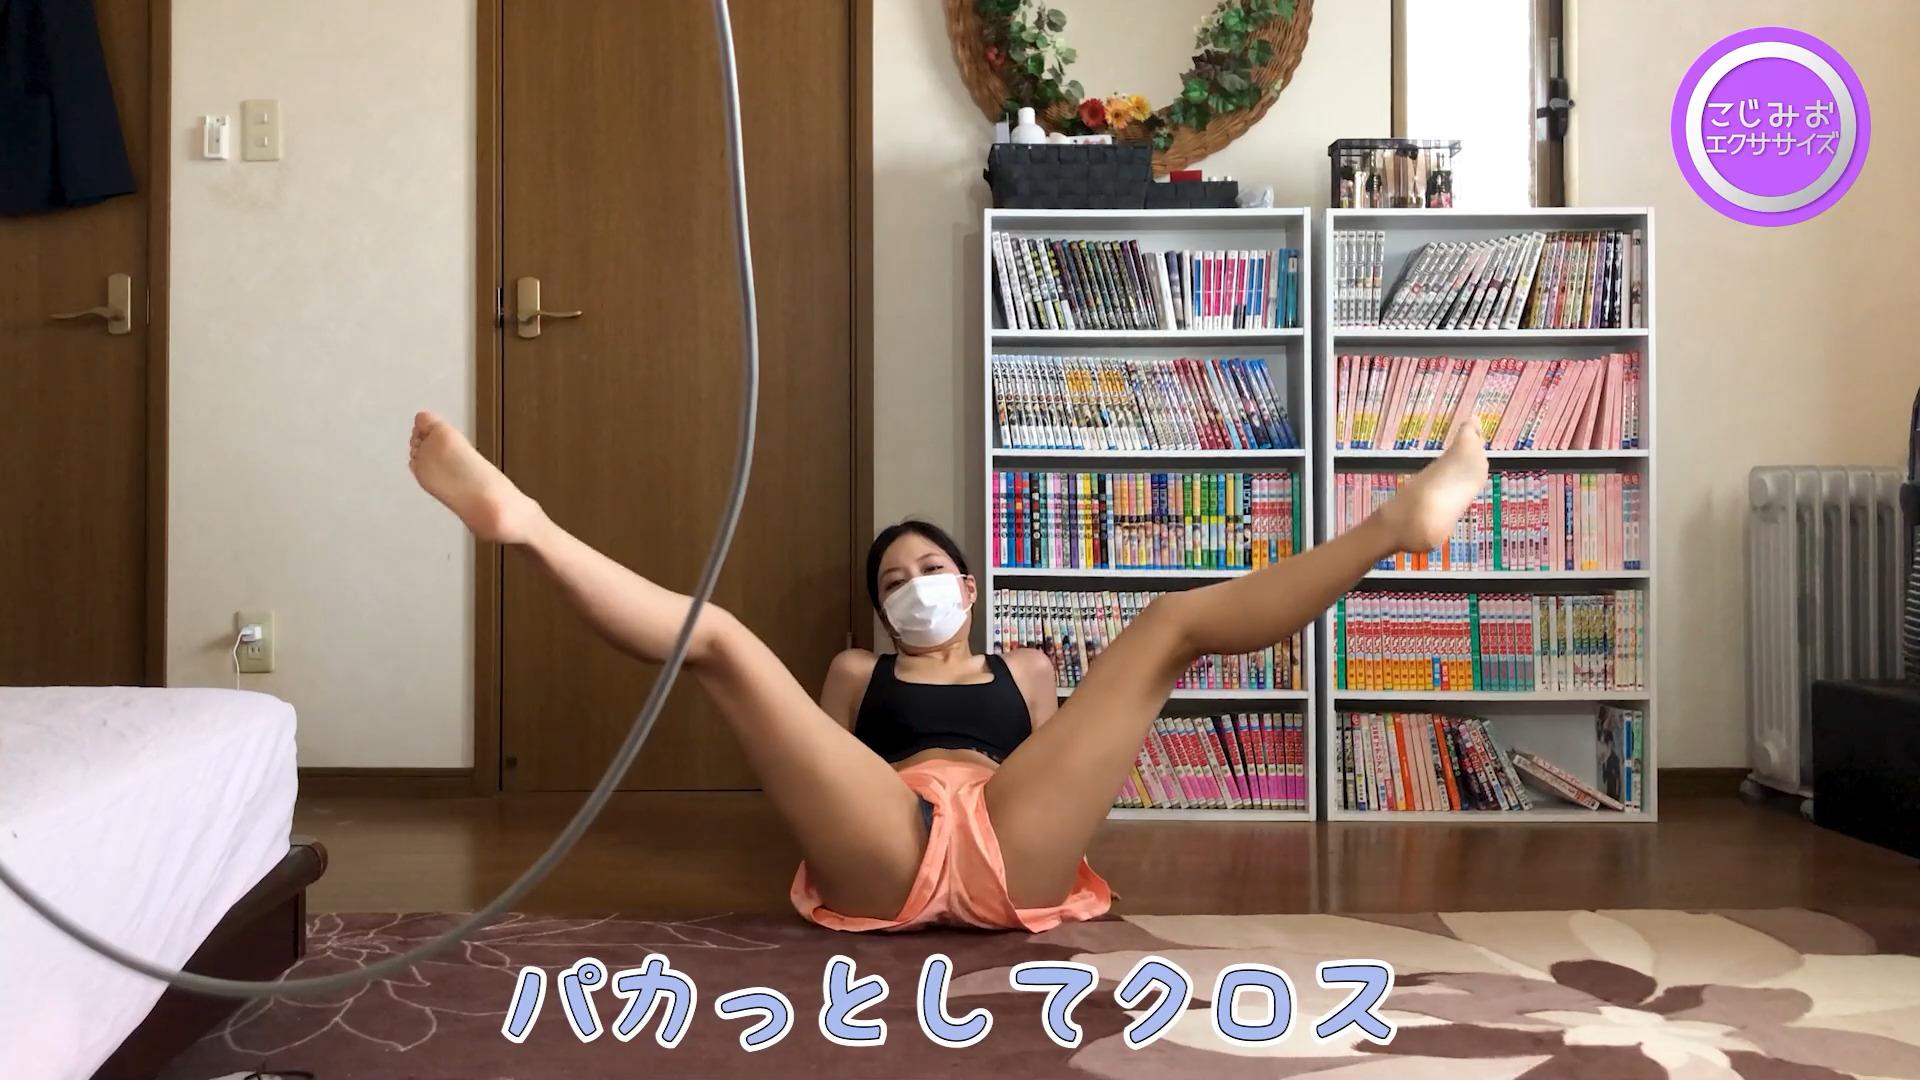 【DIY女子】プルプルになるぐらいまで腹筋を追い込む❣エクササイズ初心者の限界に挑戦【ヒップアップ】 08:20